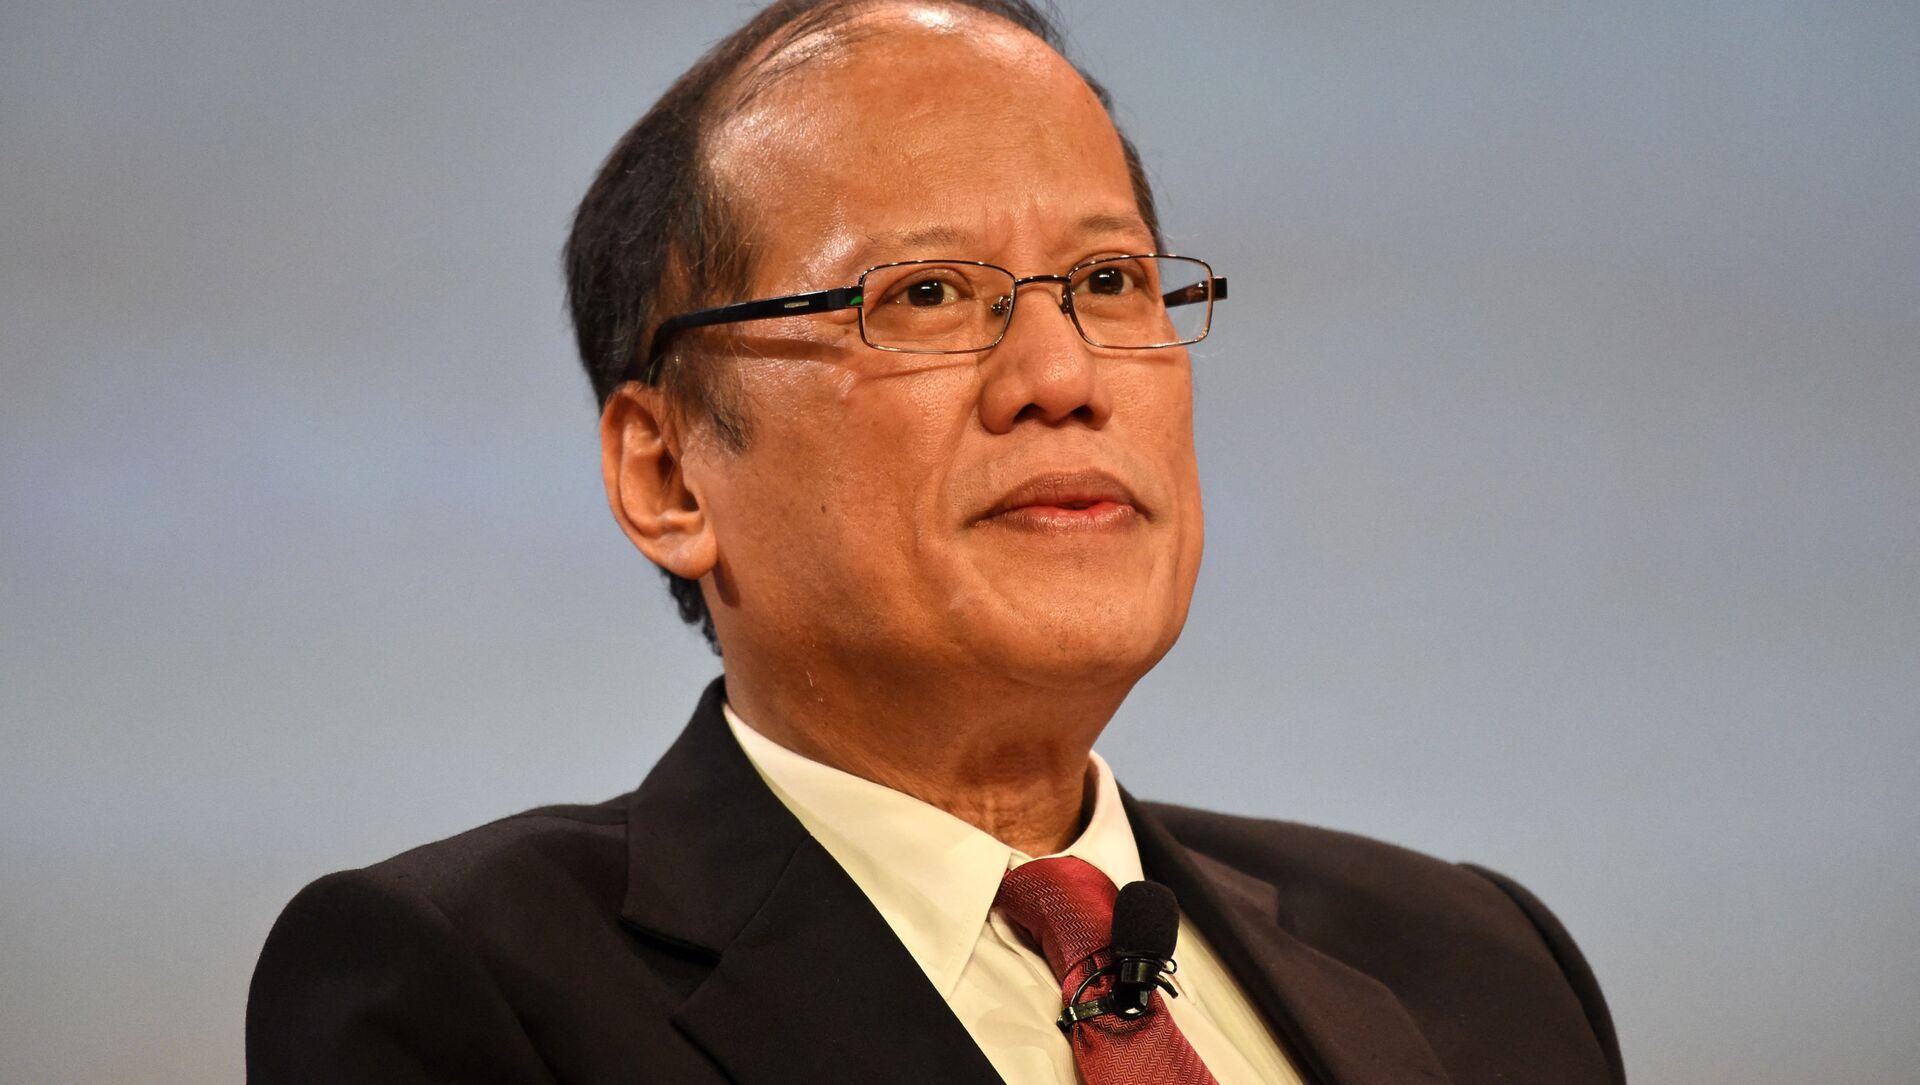 Cựu Tổng thống Philippines Benigno Aquino tham dự hội nghị ở Singapore, 2016 - Sputnik Việt Nam, 1920, 24.06.2021